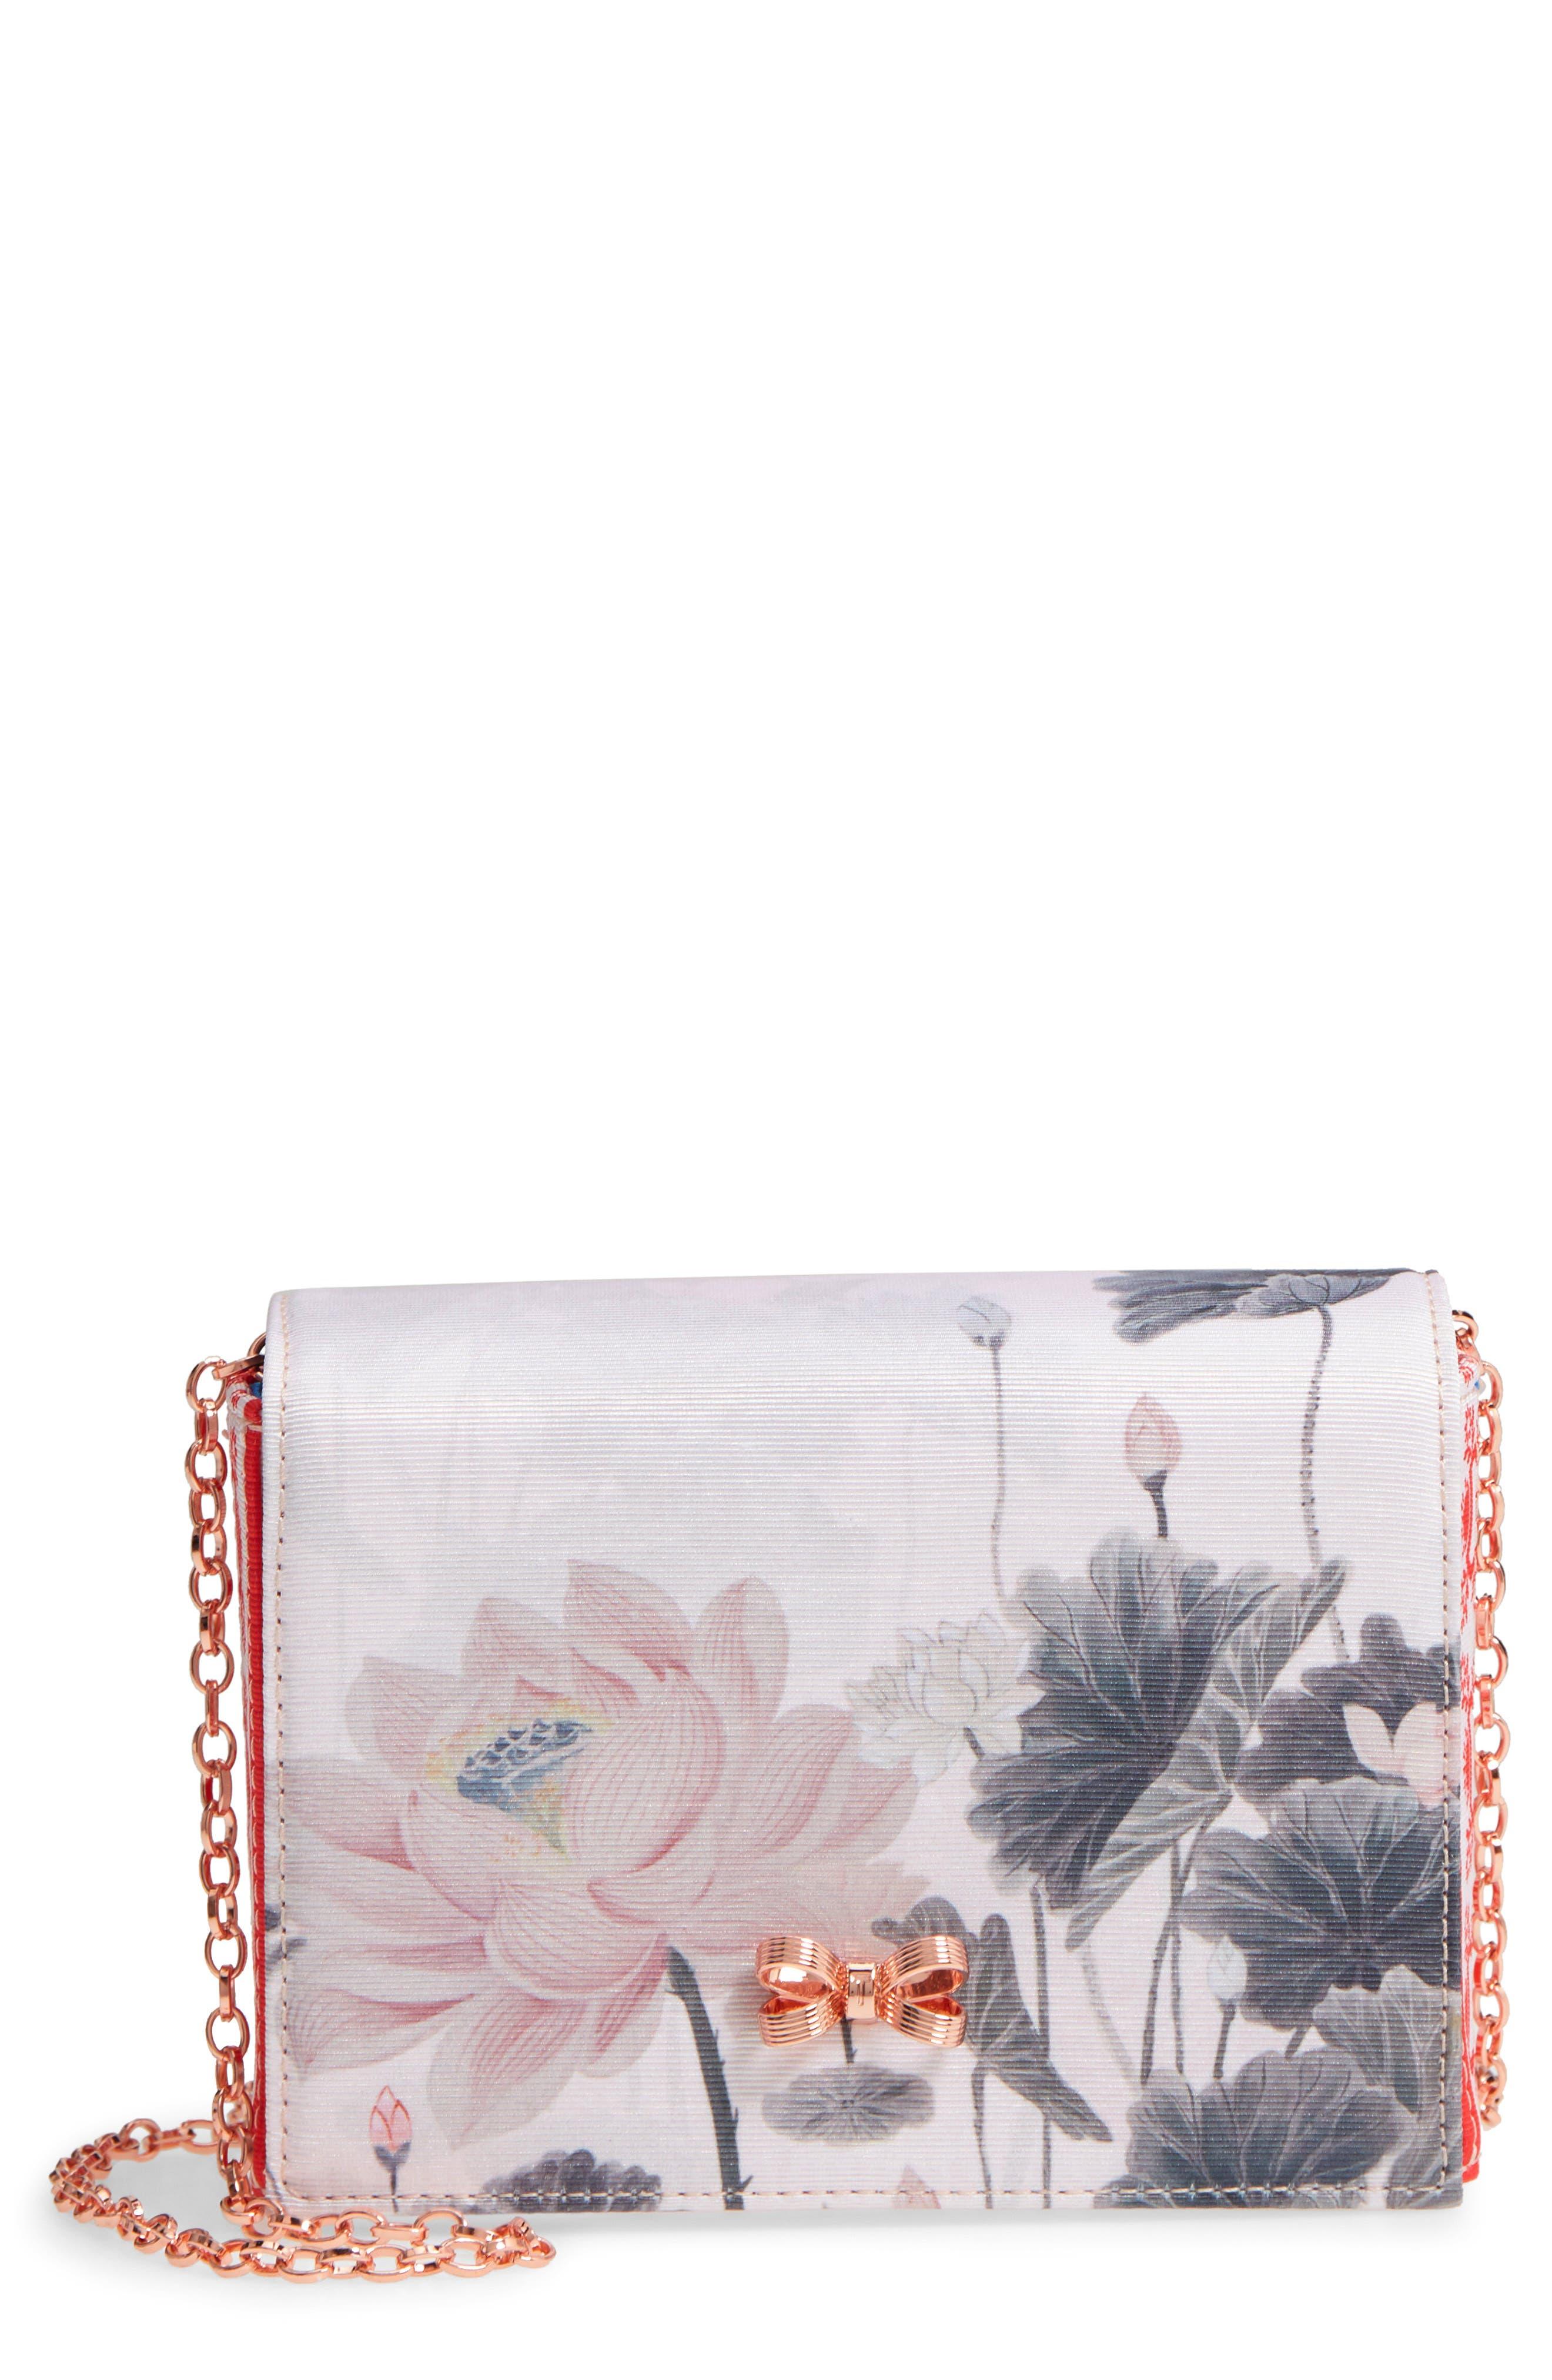 Sea of Dreams Evening Bag,                         Main,                         color, 652